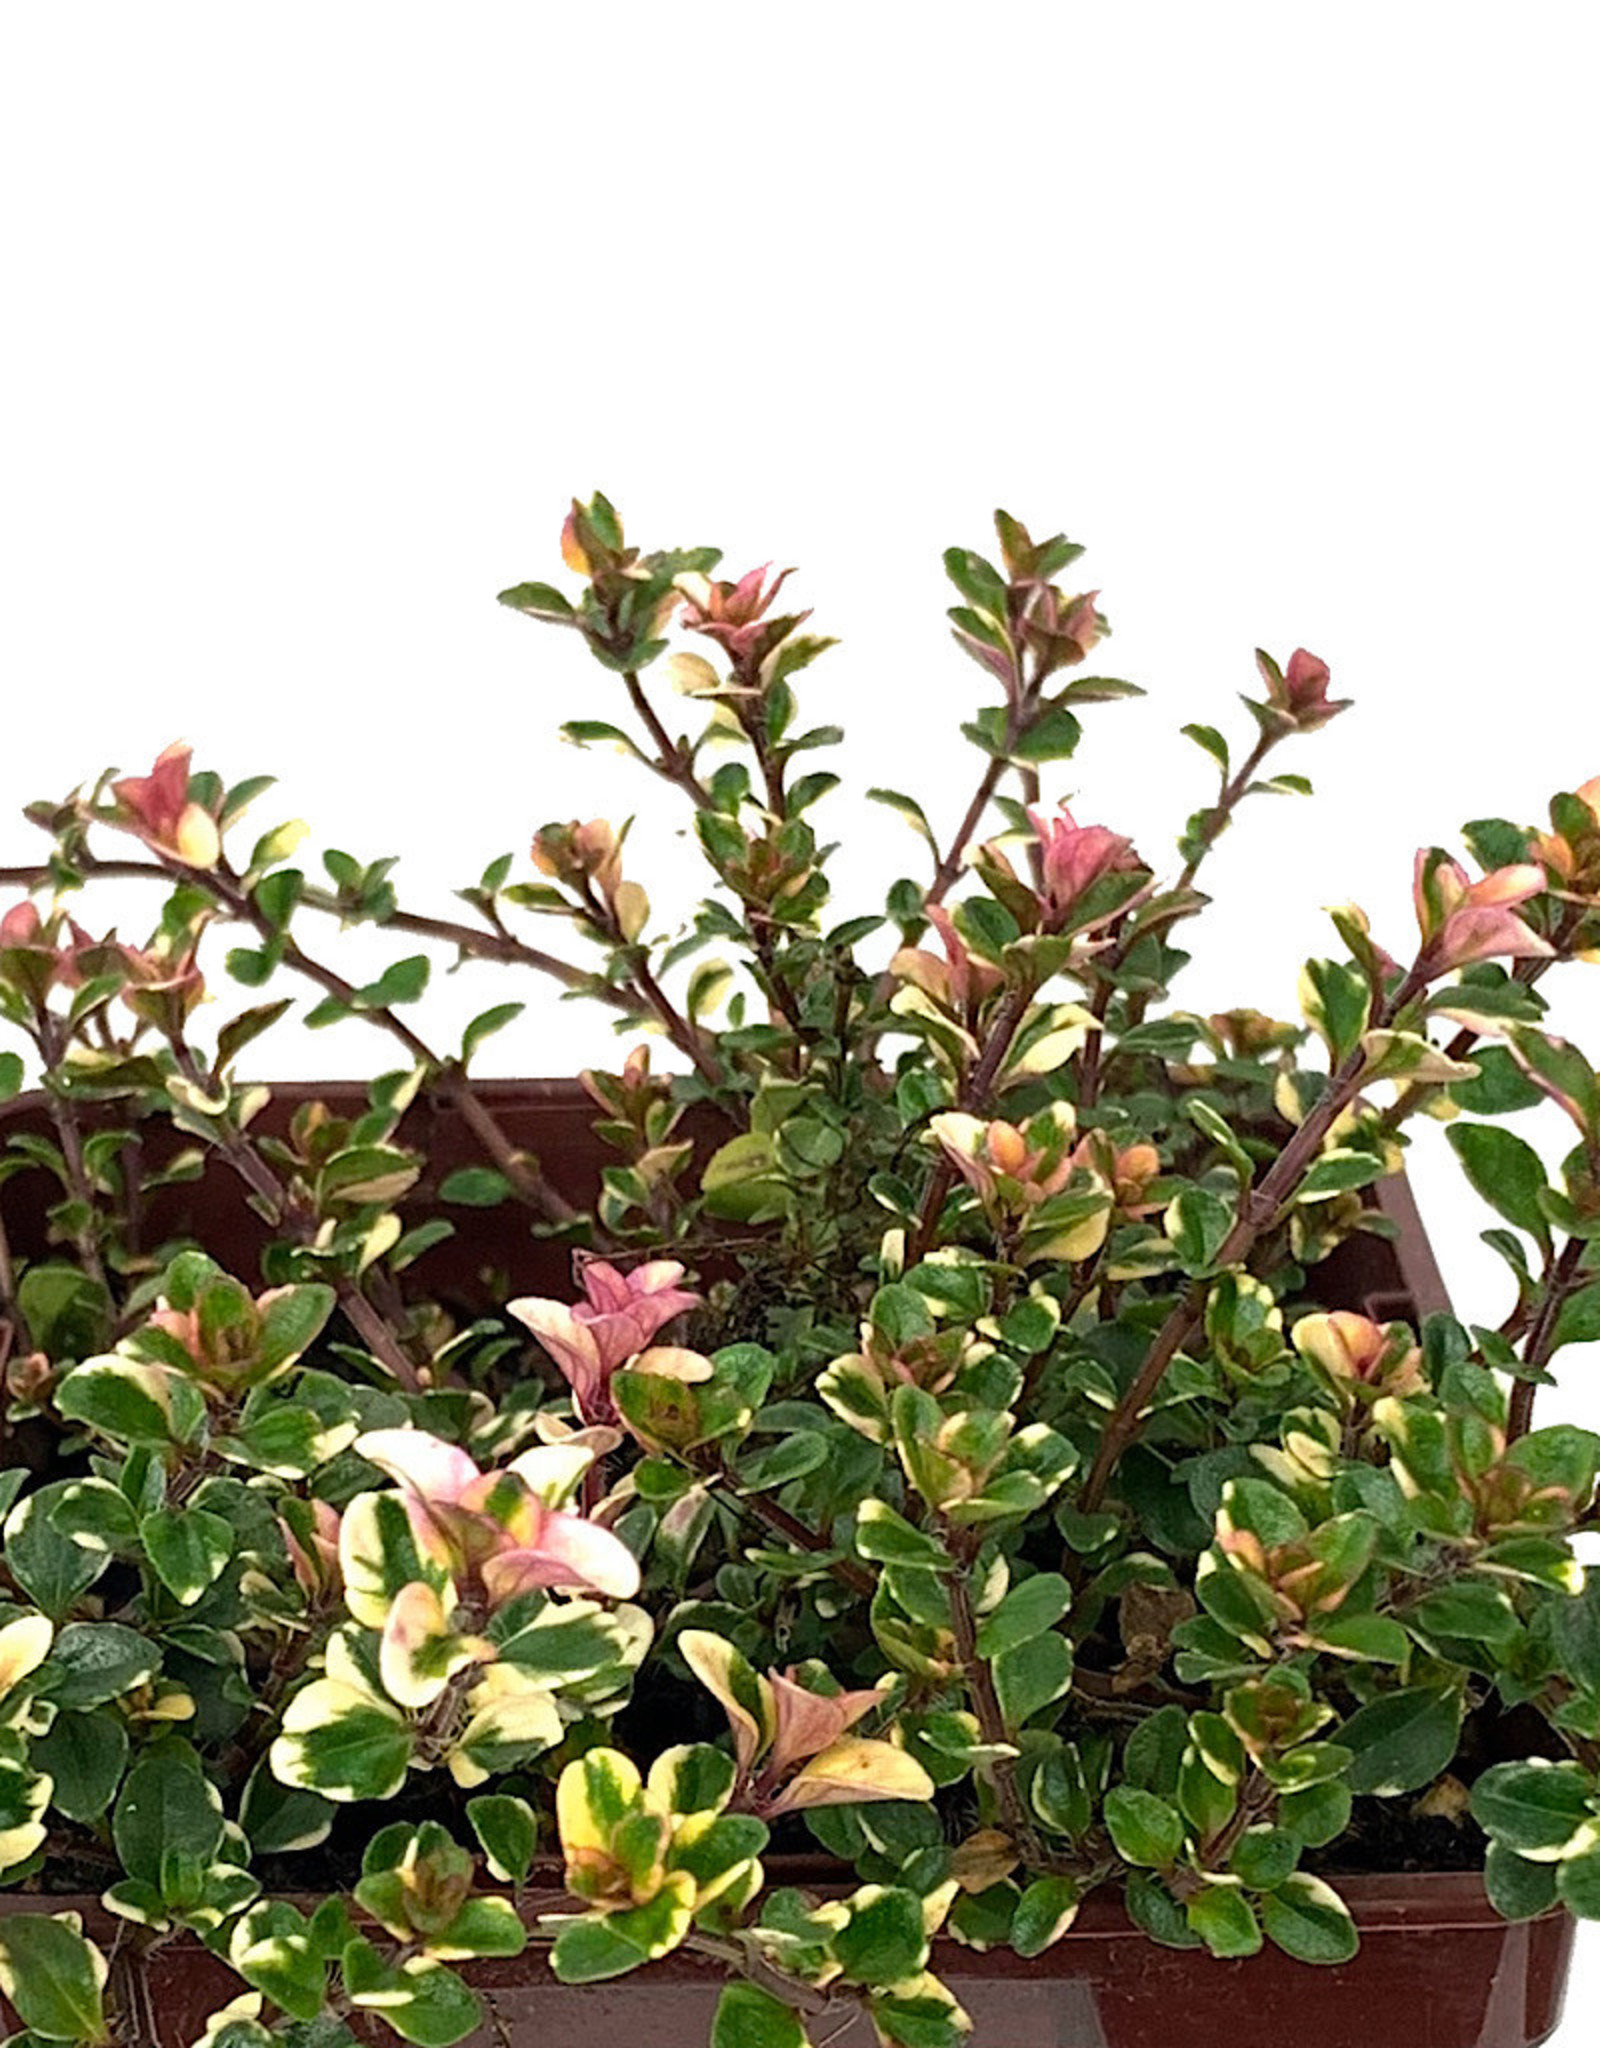 Thymus pulegioides 'Foxley' 4 inch